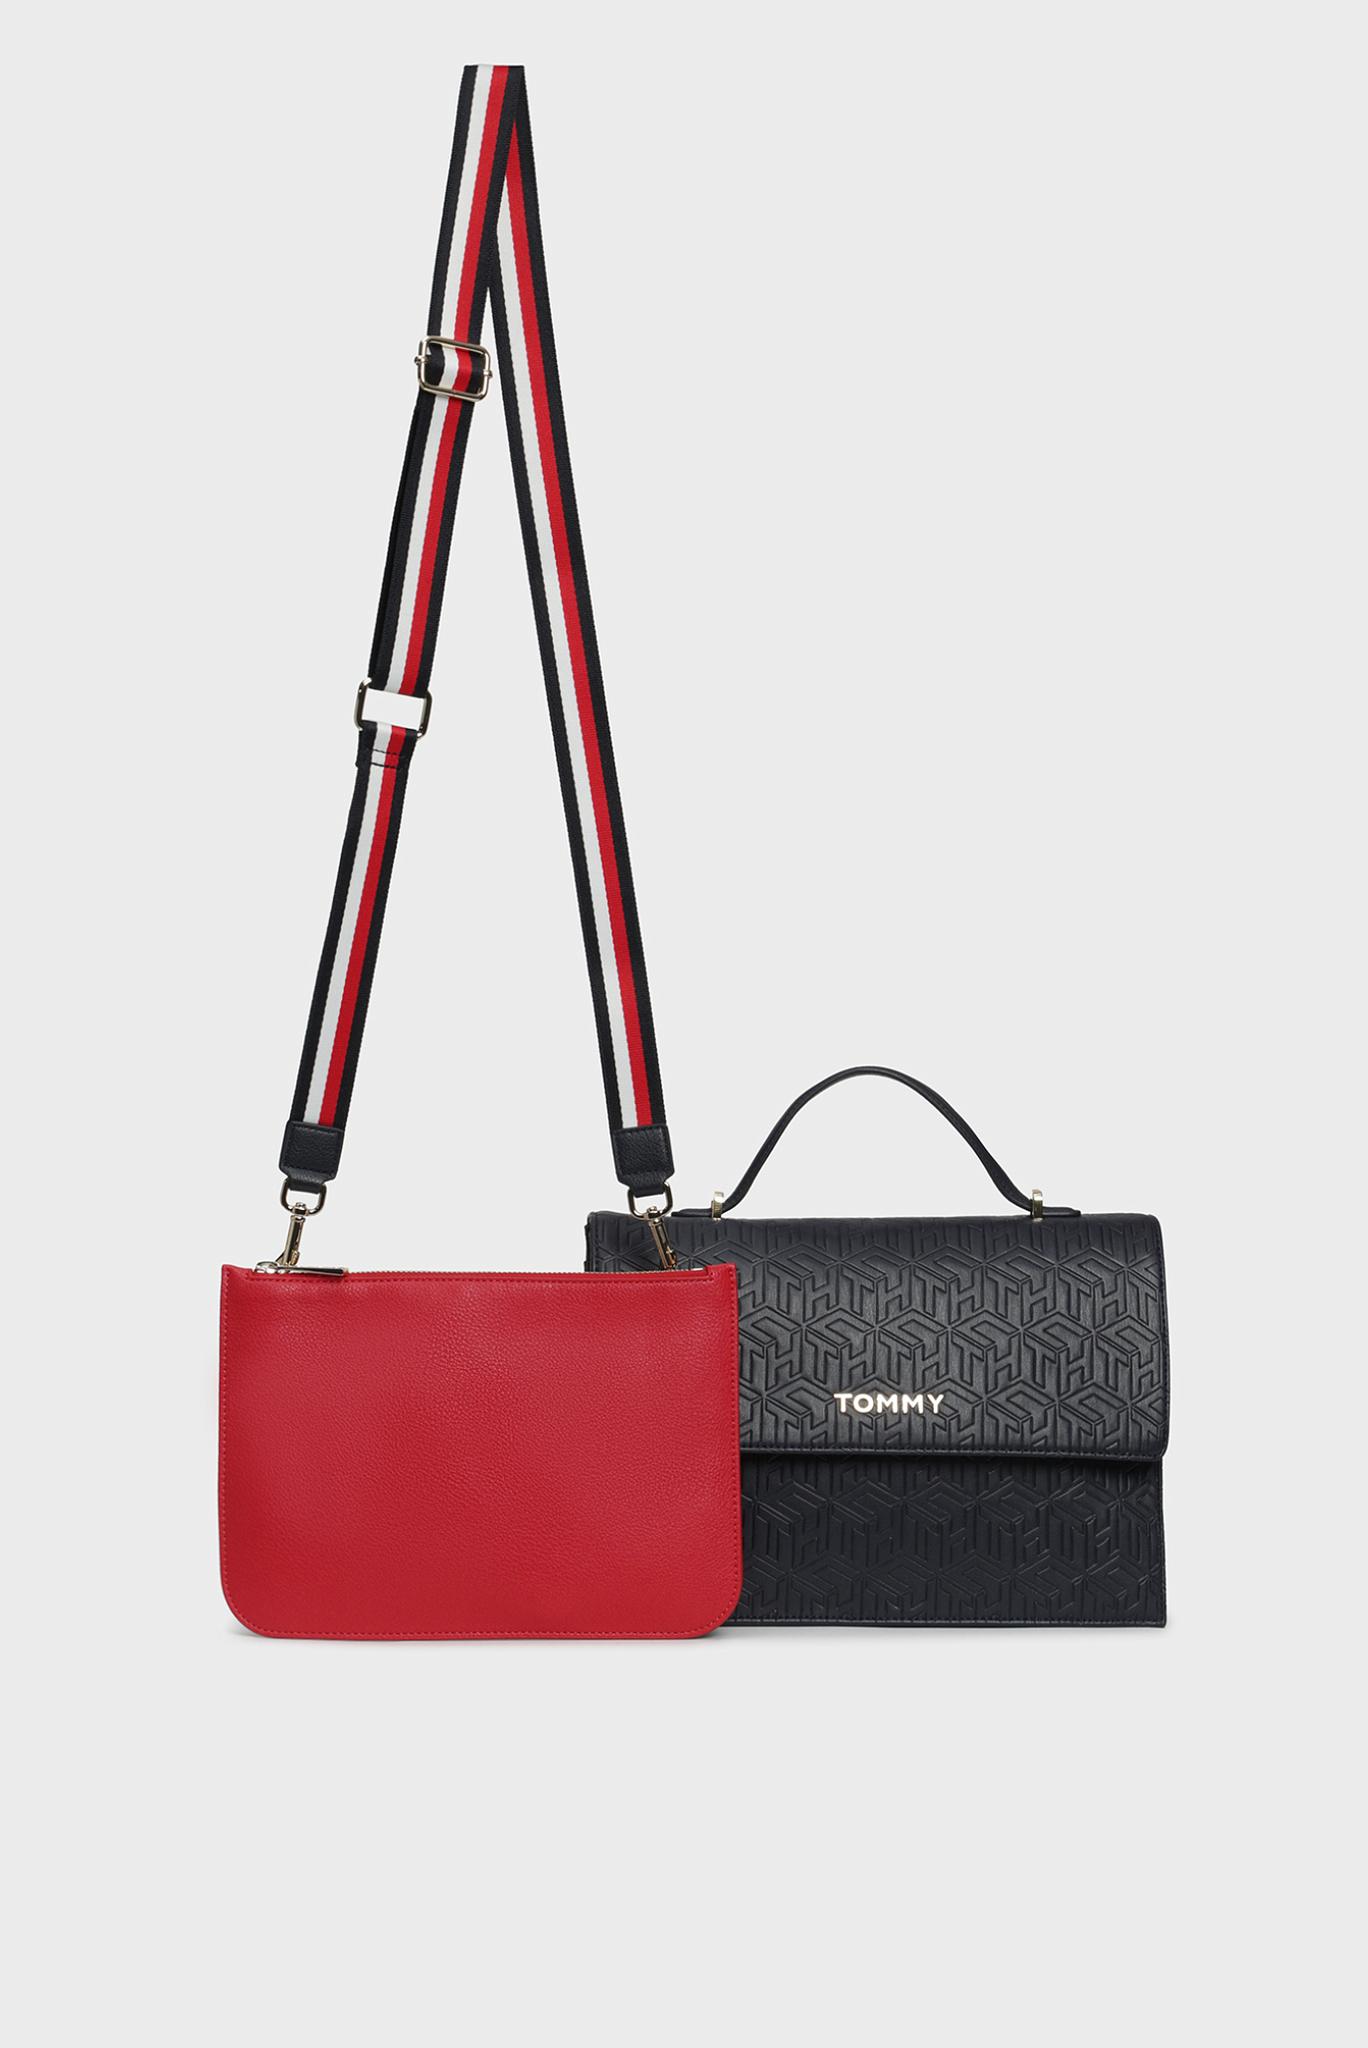 Женская темно-синяя сумка через плечо 2 в 1 TOMMY PARTY SATCHEL Tommy Hilfiger